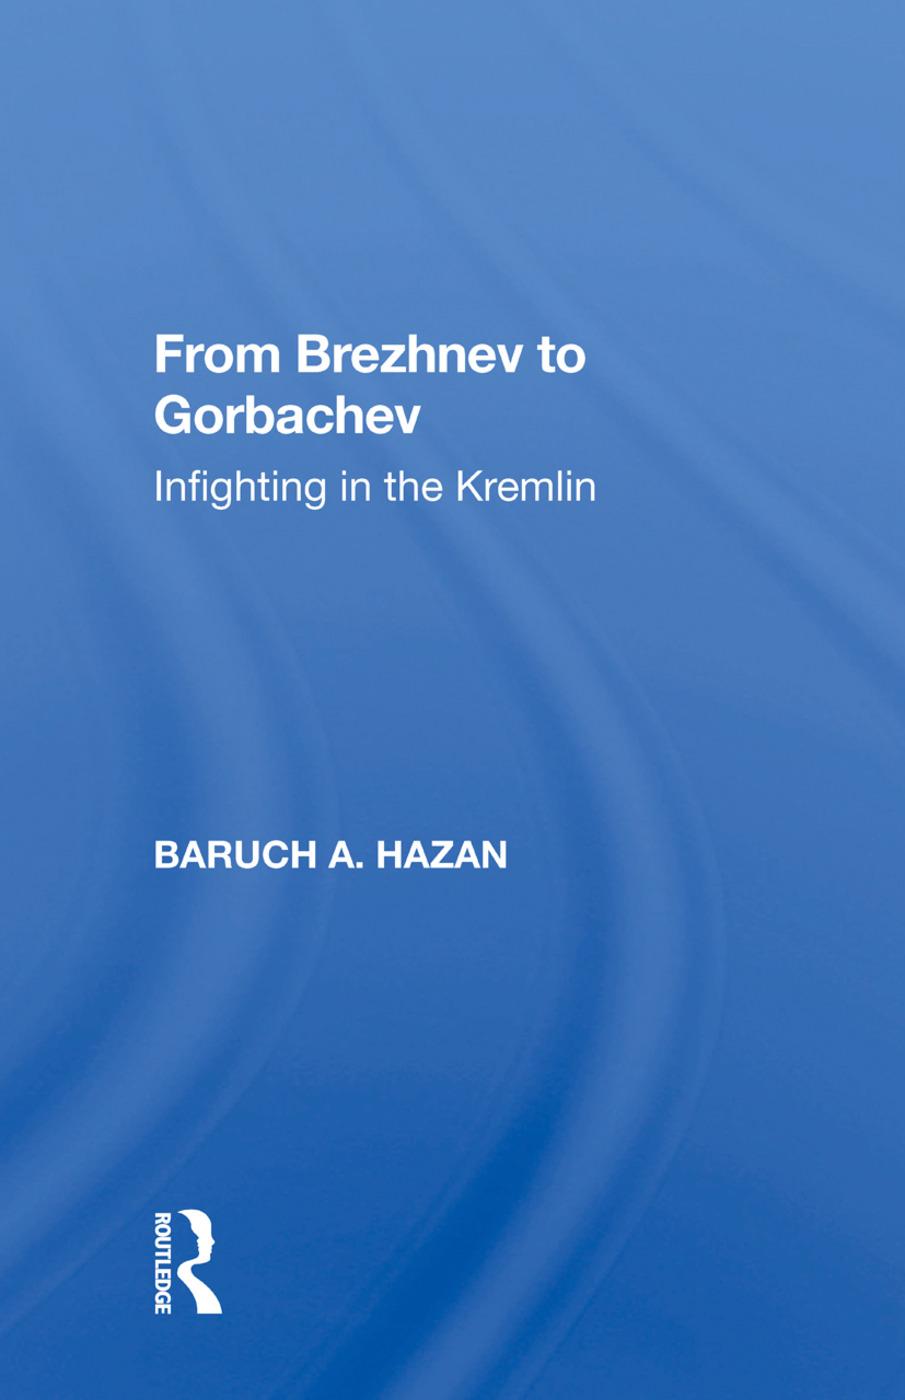 From Brezhnev To Gorbachev: Infighting In The Kremlin book cover